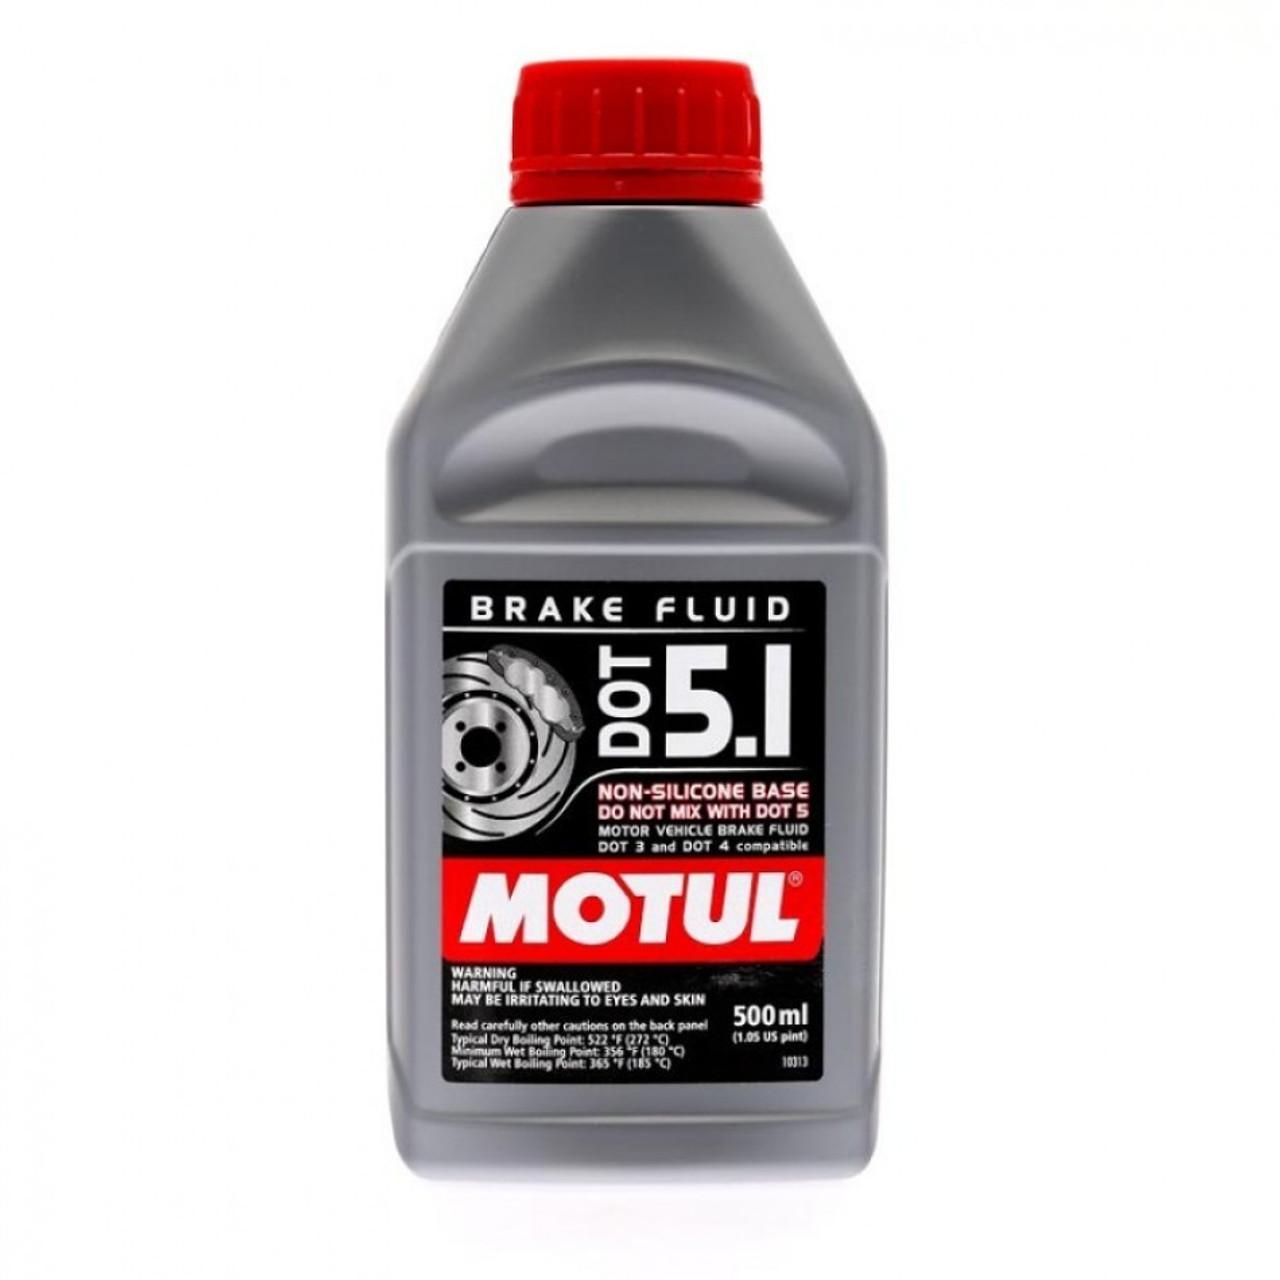 Dot 5 1 Brake Fluid >> Motul Dot5 1 Brake Fluid Upgrade Your Corvette Brakes With Better